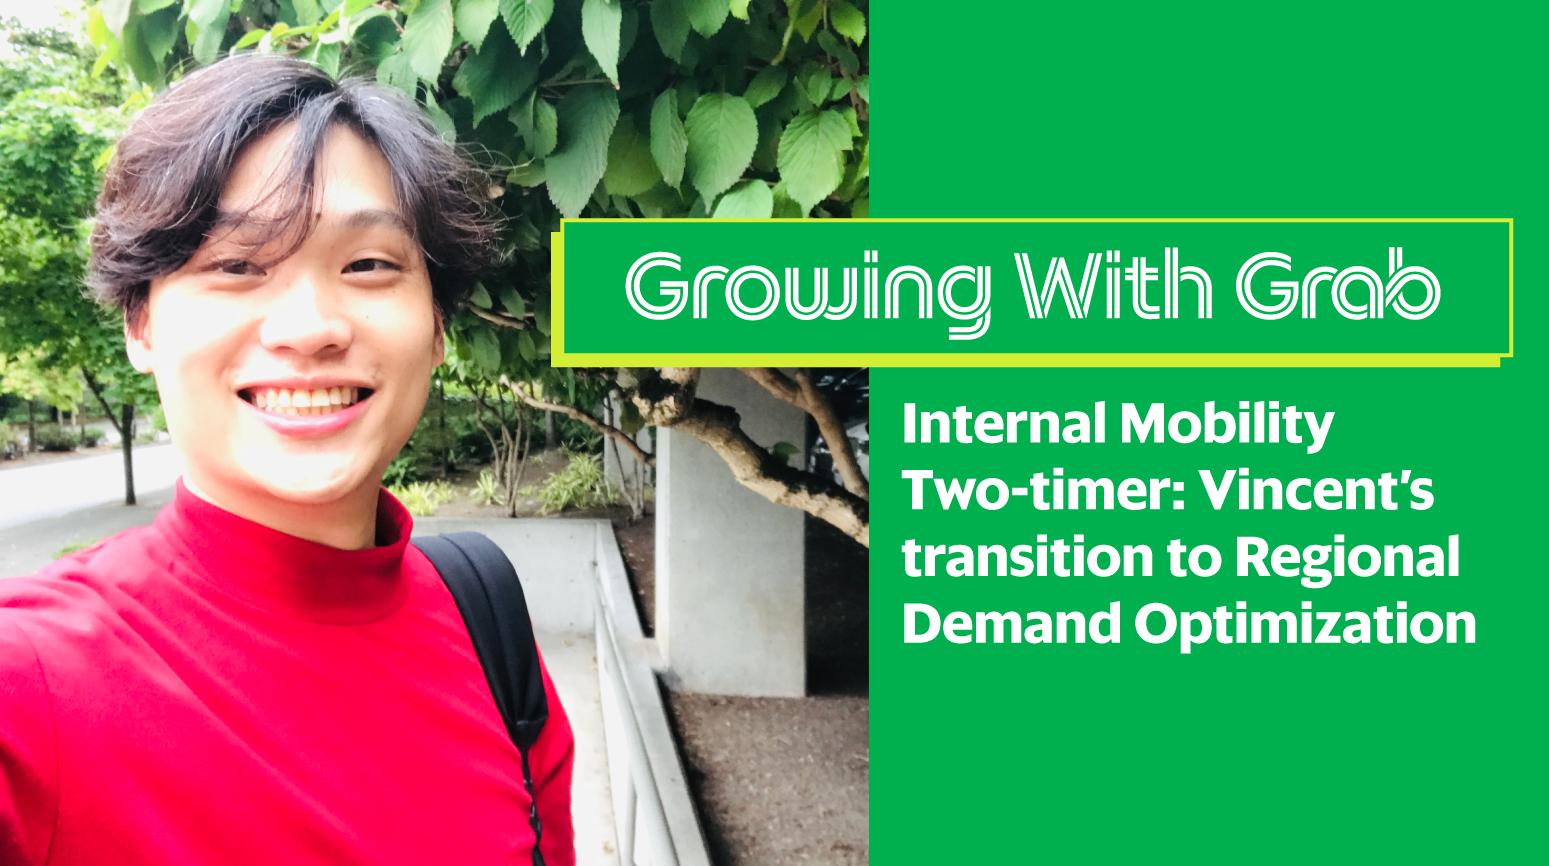 2-time Internal Mobility Grabber: Vincent's journey at Grab